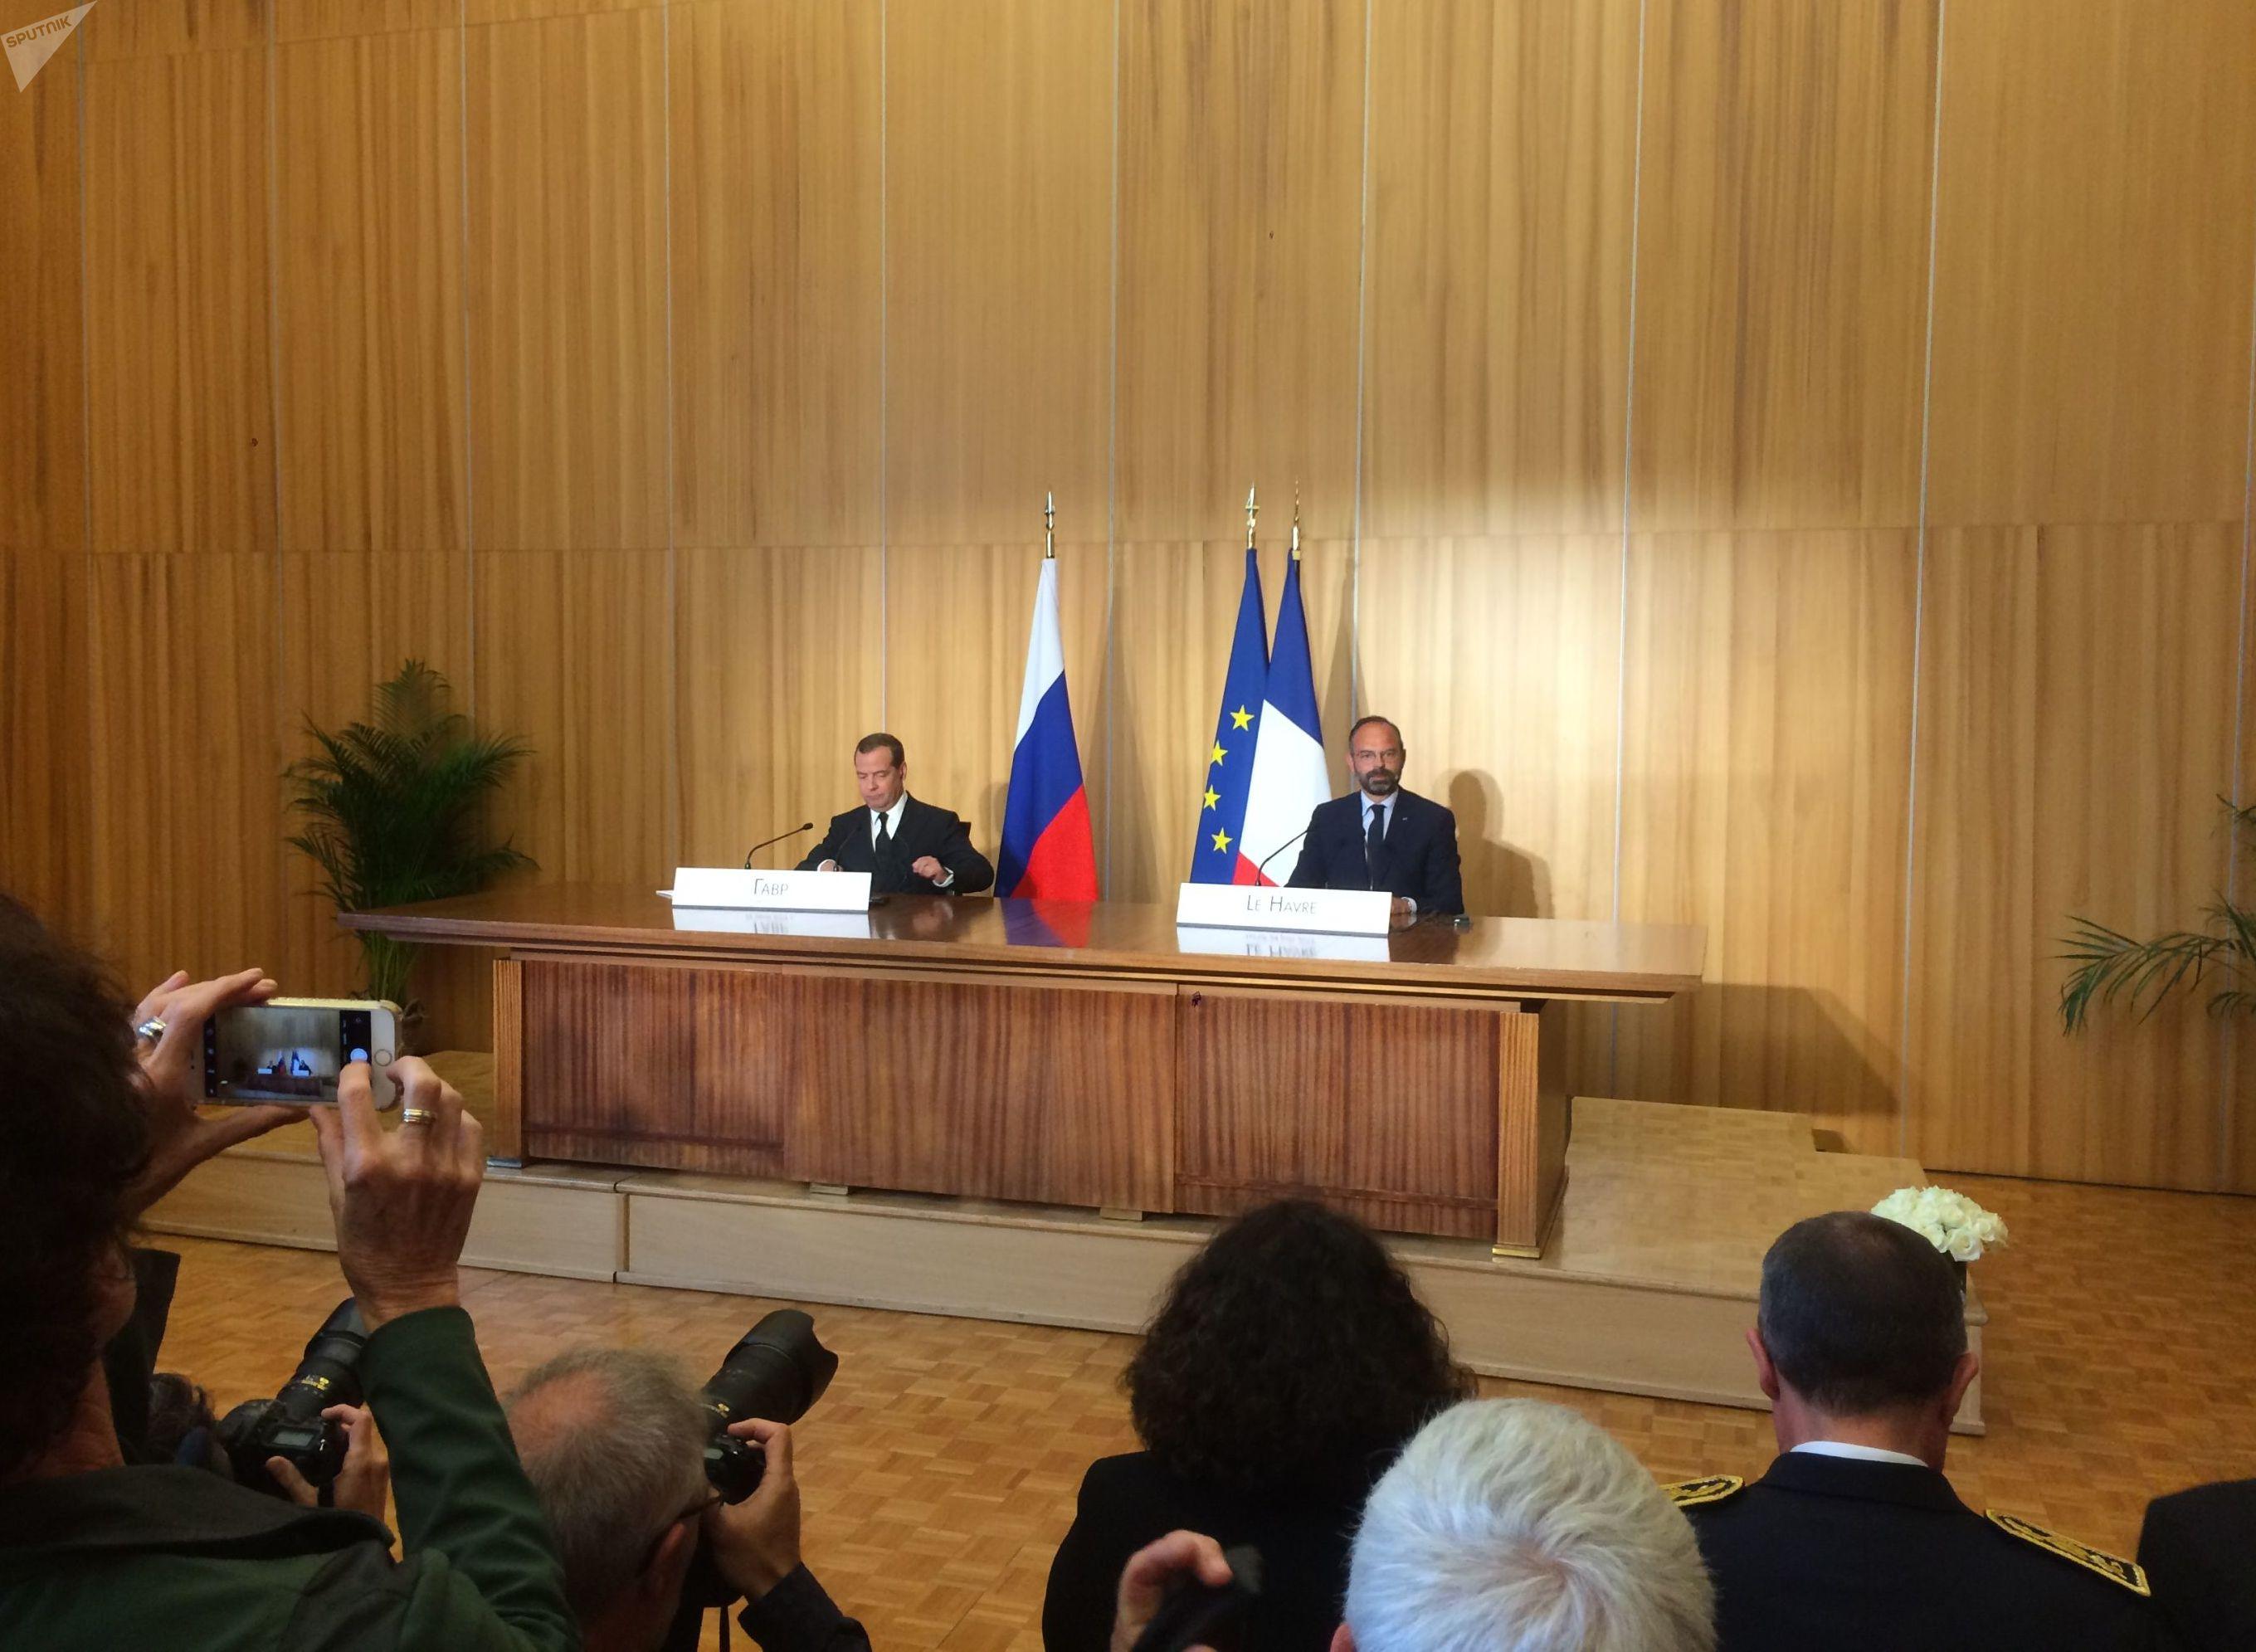 Édouard Philippe tient une conférence de presse avec Dmitri Medvedev au Havre